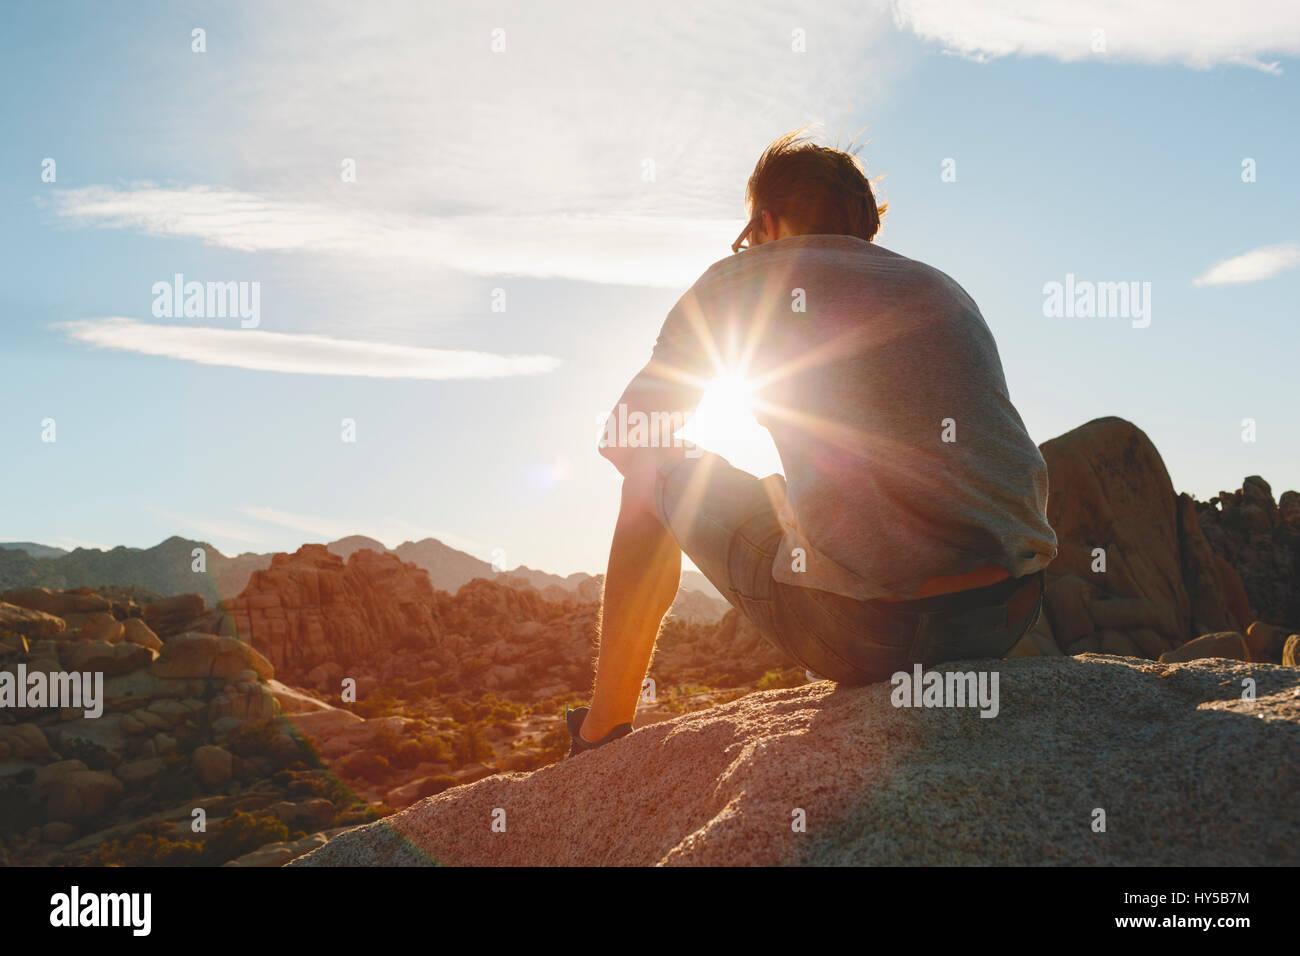 Stati Uniti, California, Joshua Tree National Park, uomo seduto sulla roccia e guardare il tramonto Immagini Stock